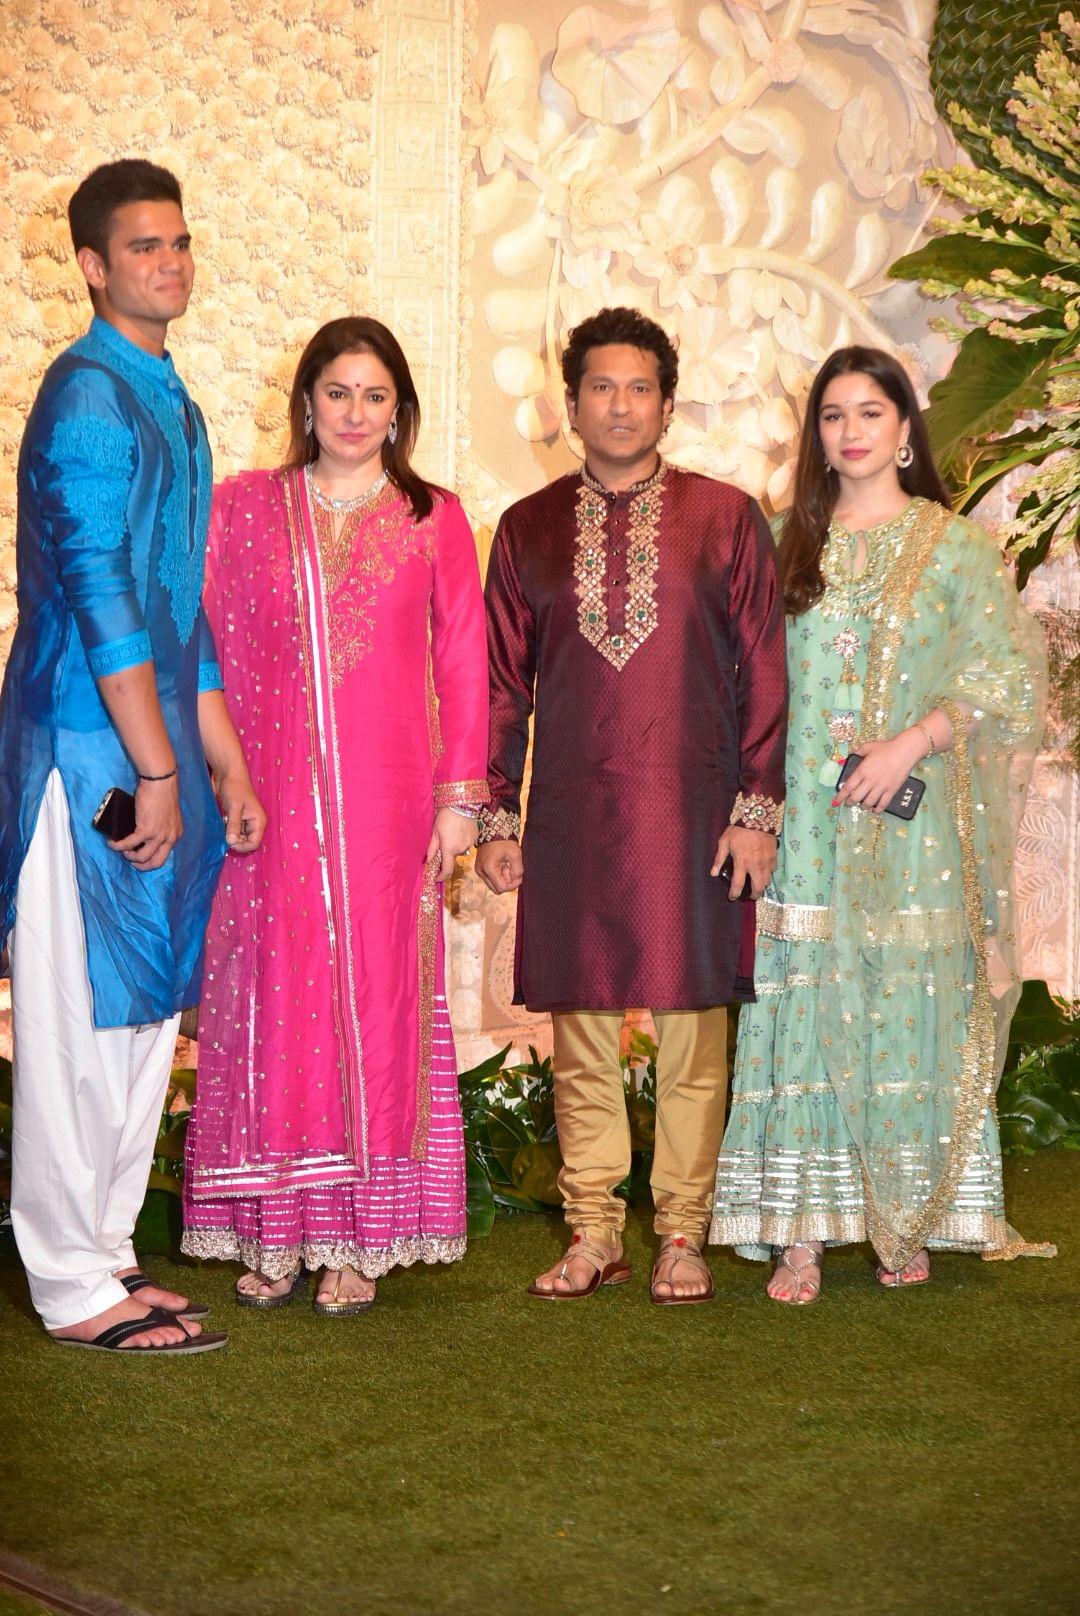 Tendulkar family at Antilia Ganpati celebrations in Mumbai